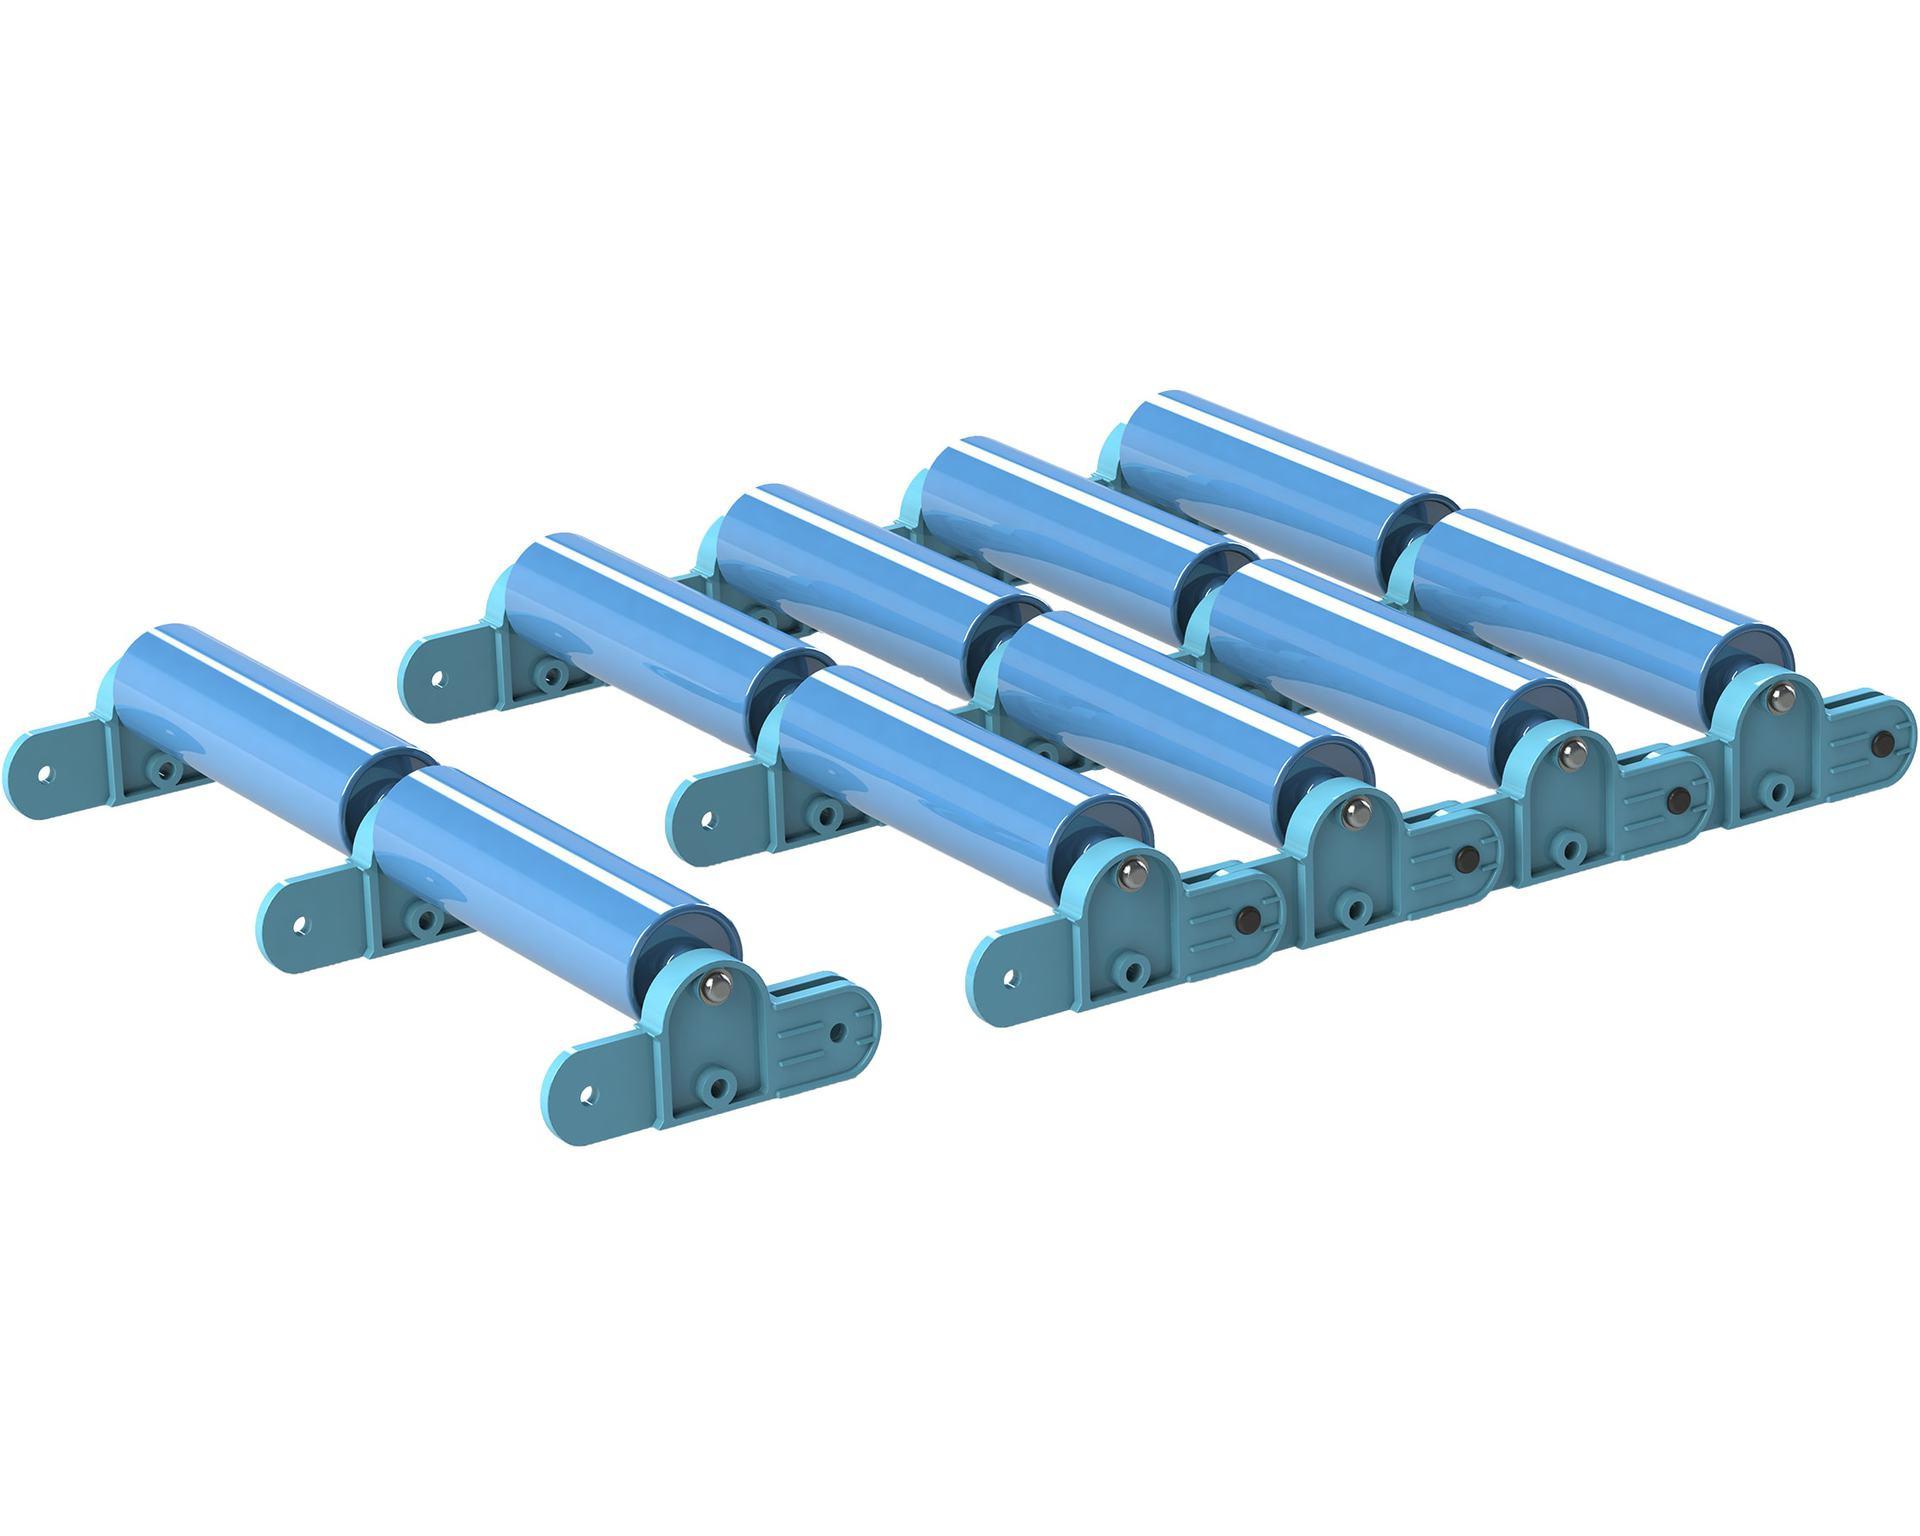 PEK3 Easytube Roller Tracks MC 8002 e1564484979171